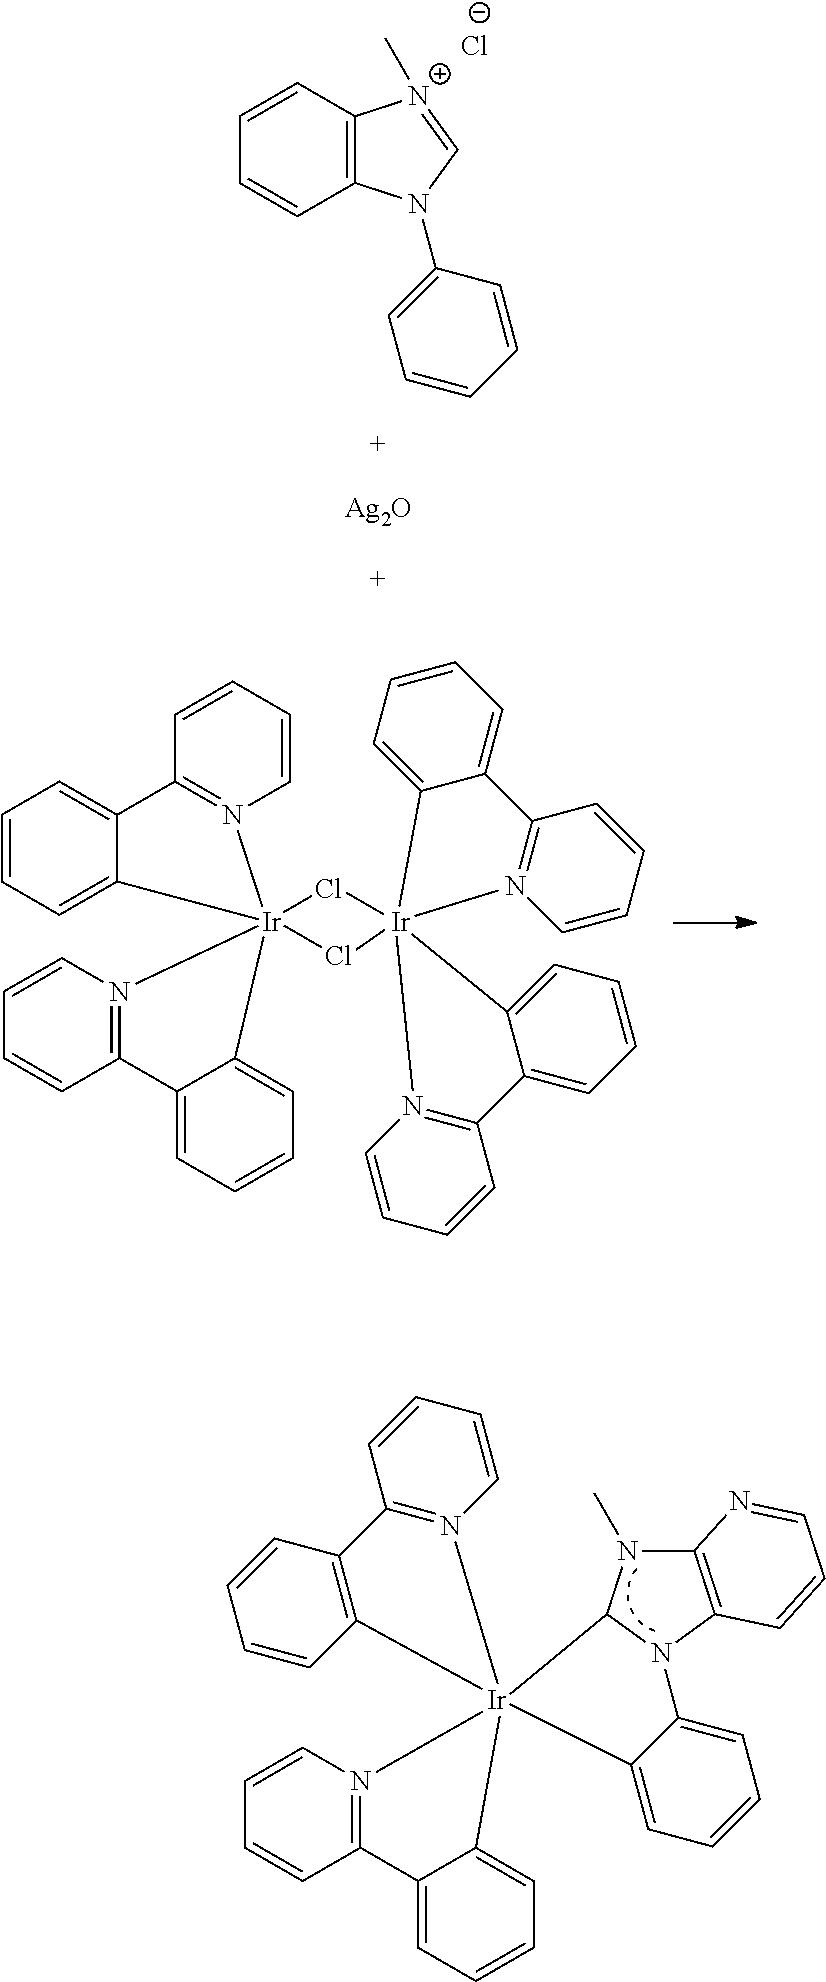 Figure US09972793-20180515-C00294